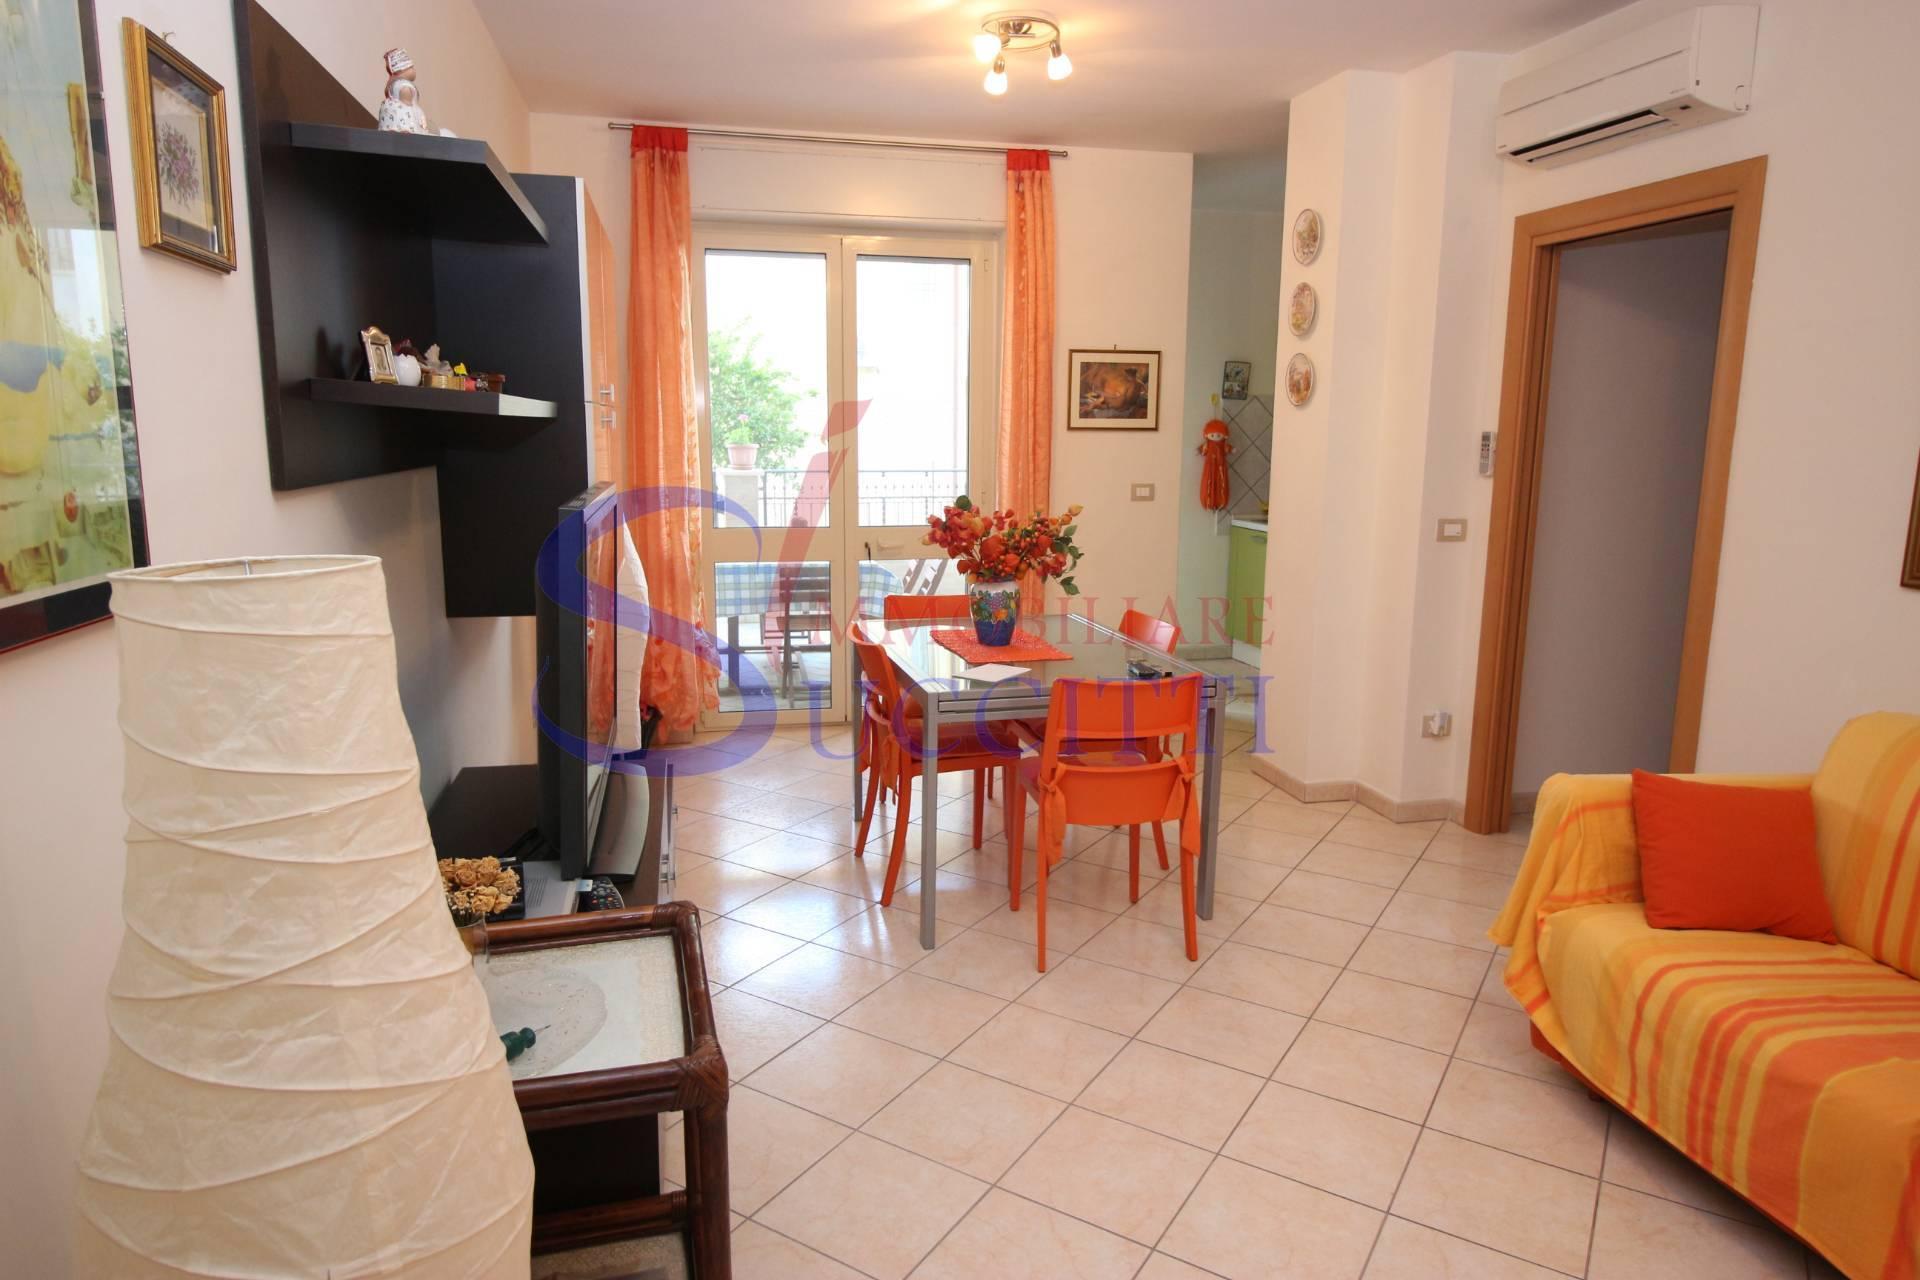 Appartamento in vendita a Tortoreto, 3 locali, zona Località: TortoretoLido, prezzo € 175.000 | PortaleAgenzieImmobiliari.it